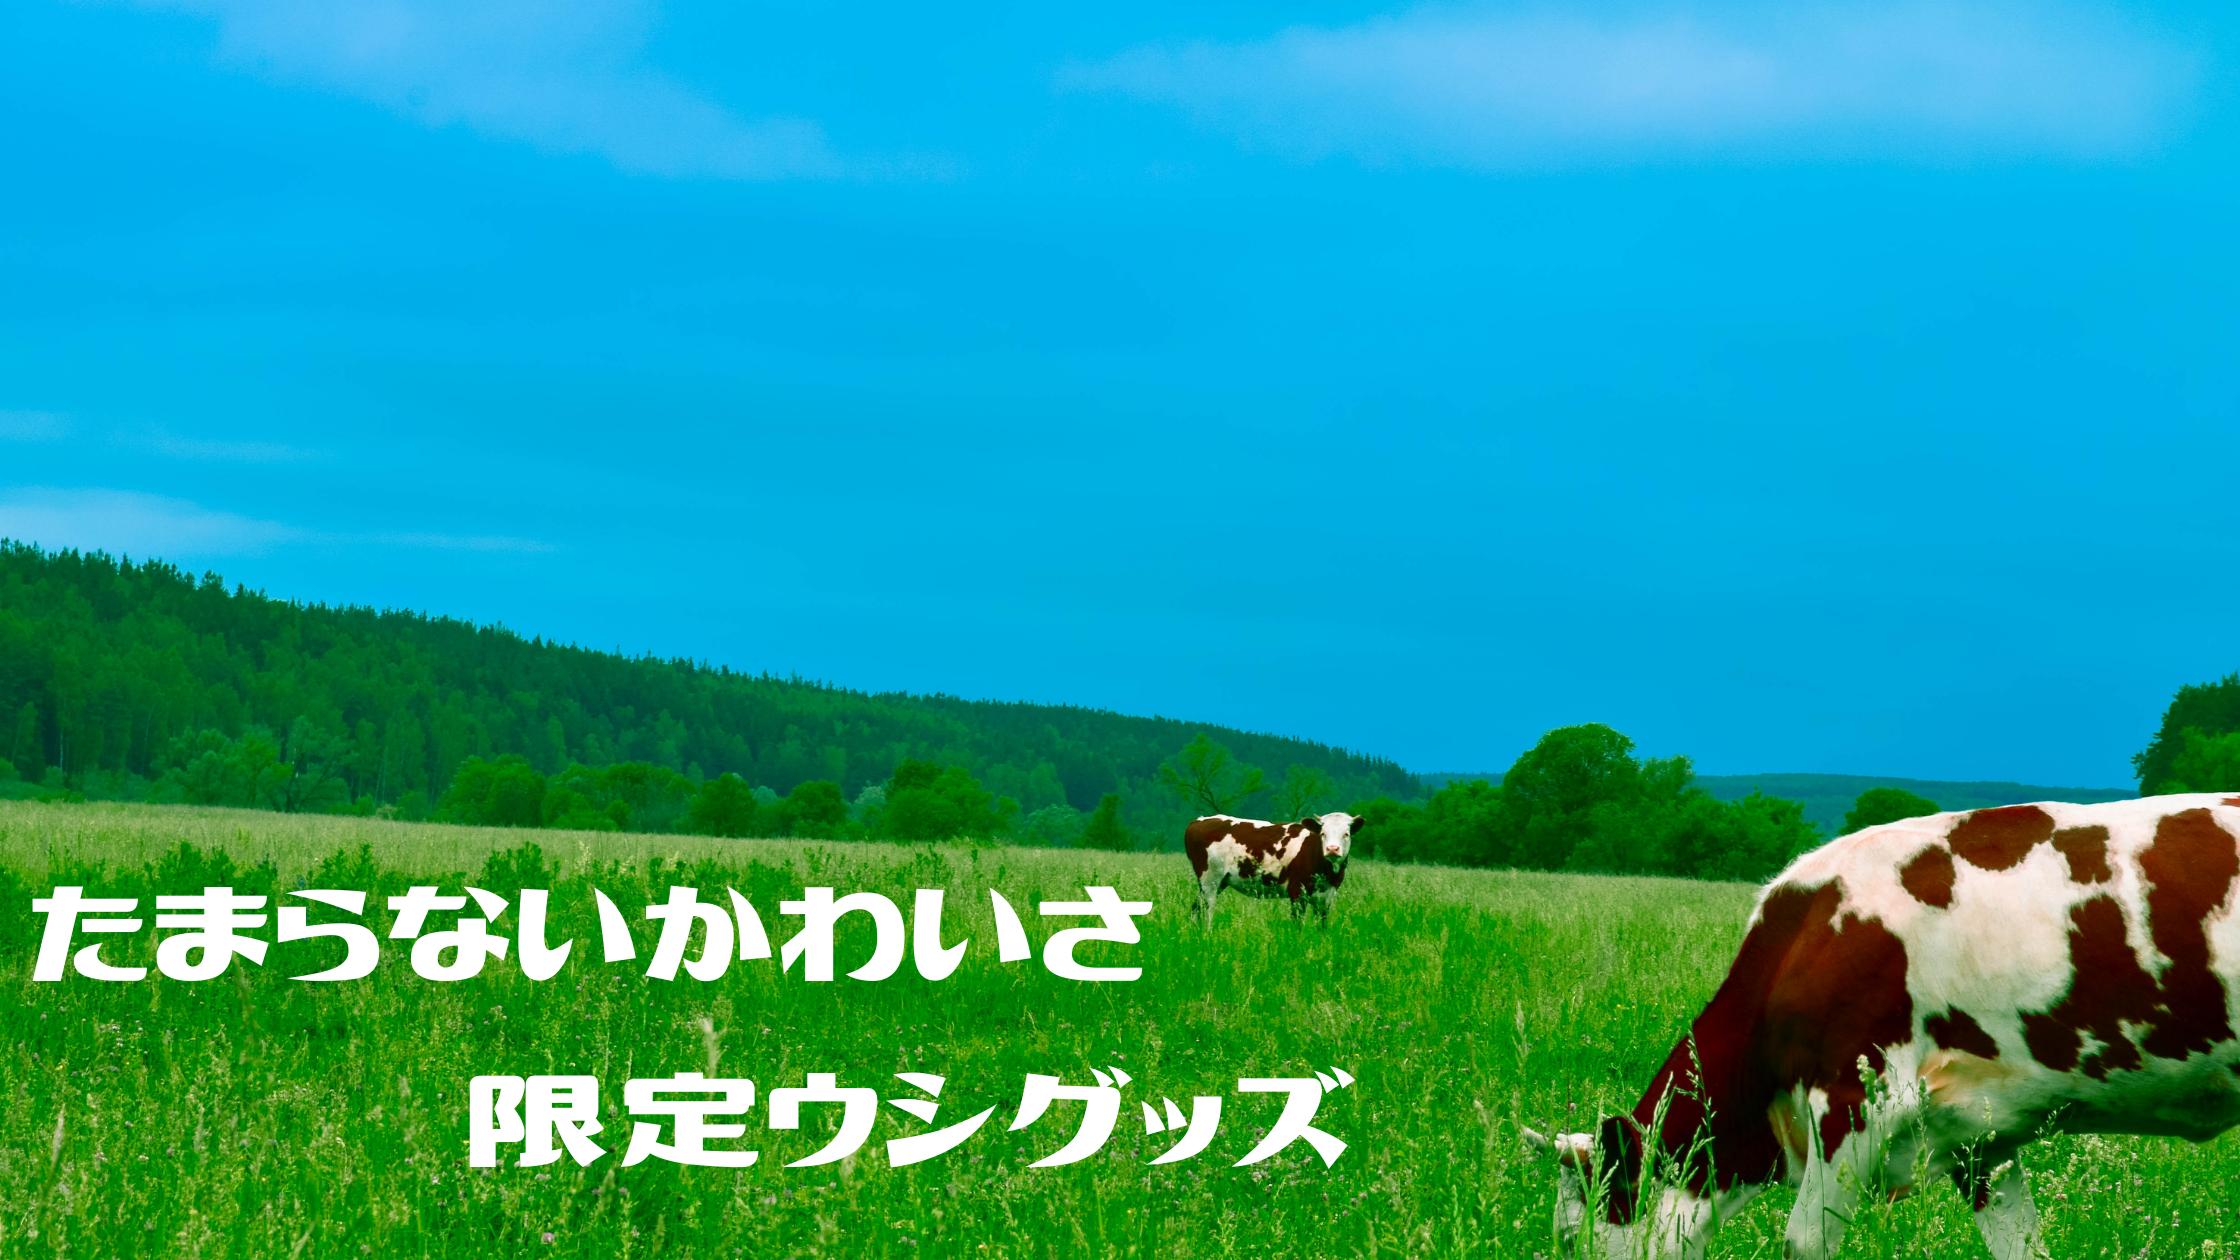 【めざましテレビ】『干支モンチッチ』『牛モチーフジュエリー』『牛乳石鹸みくじ』かわいい限定ウシグッズ